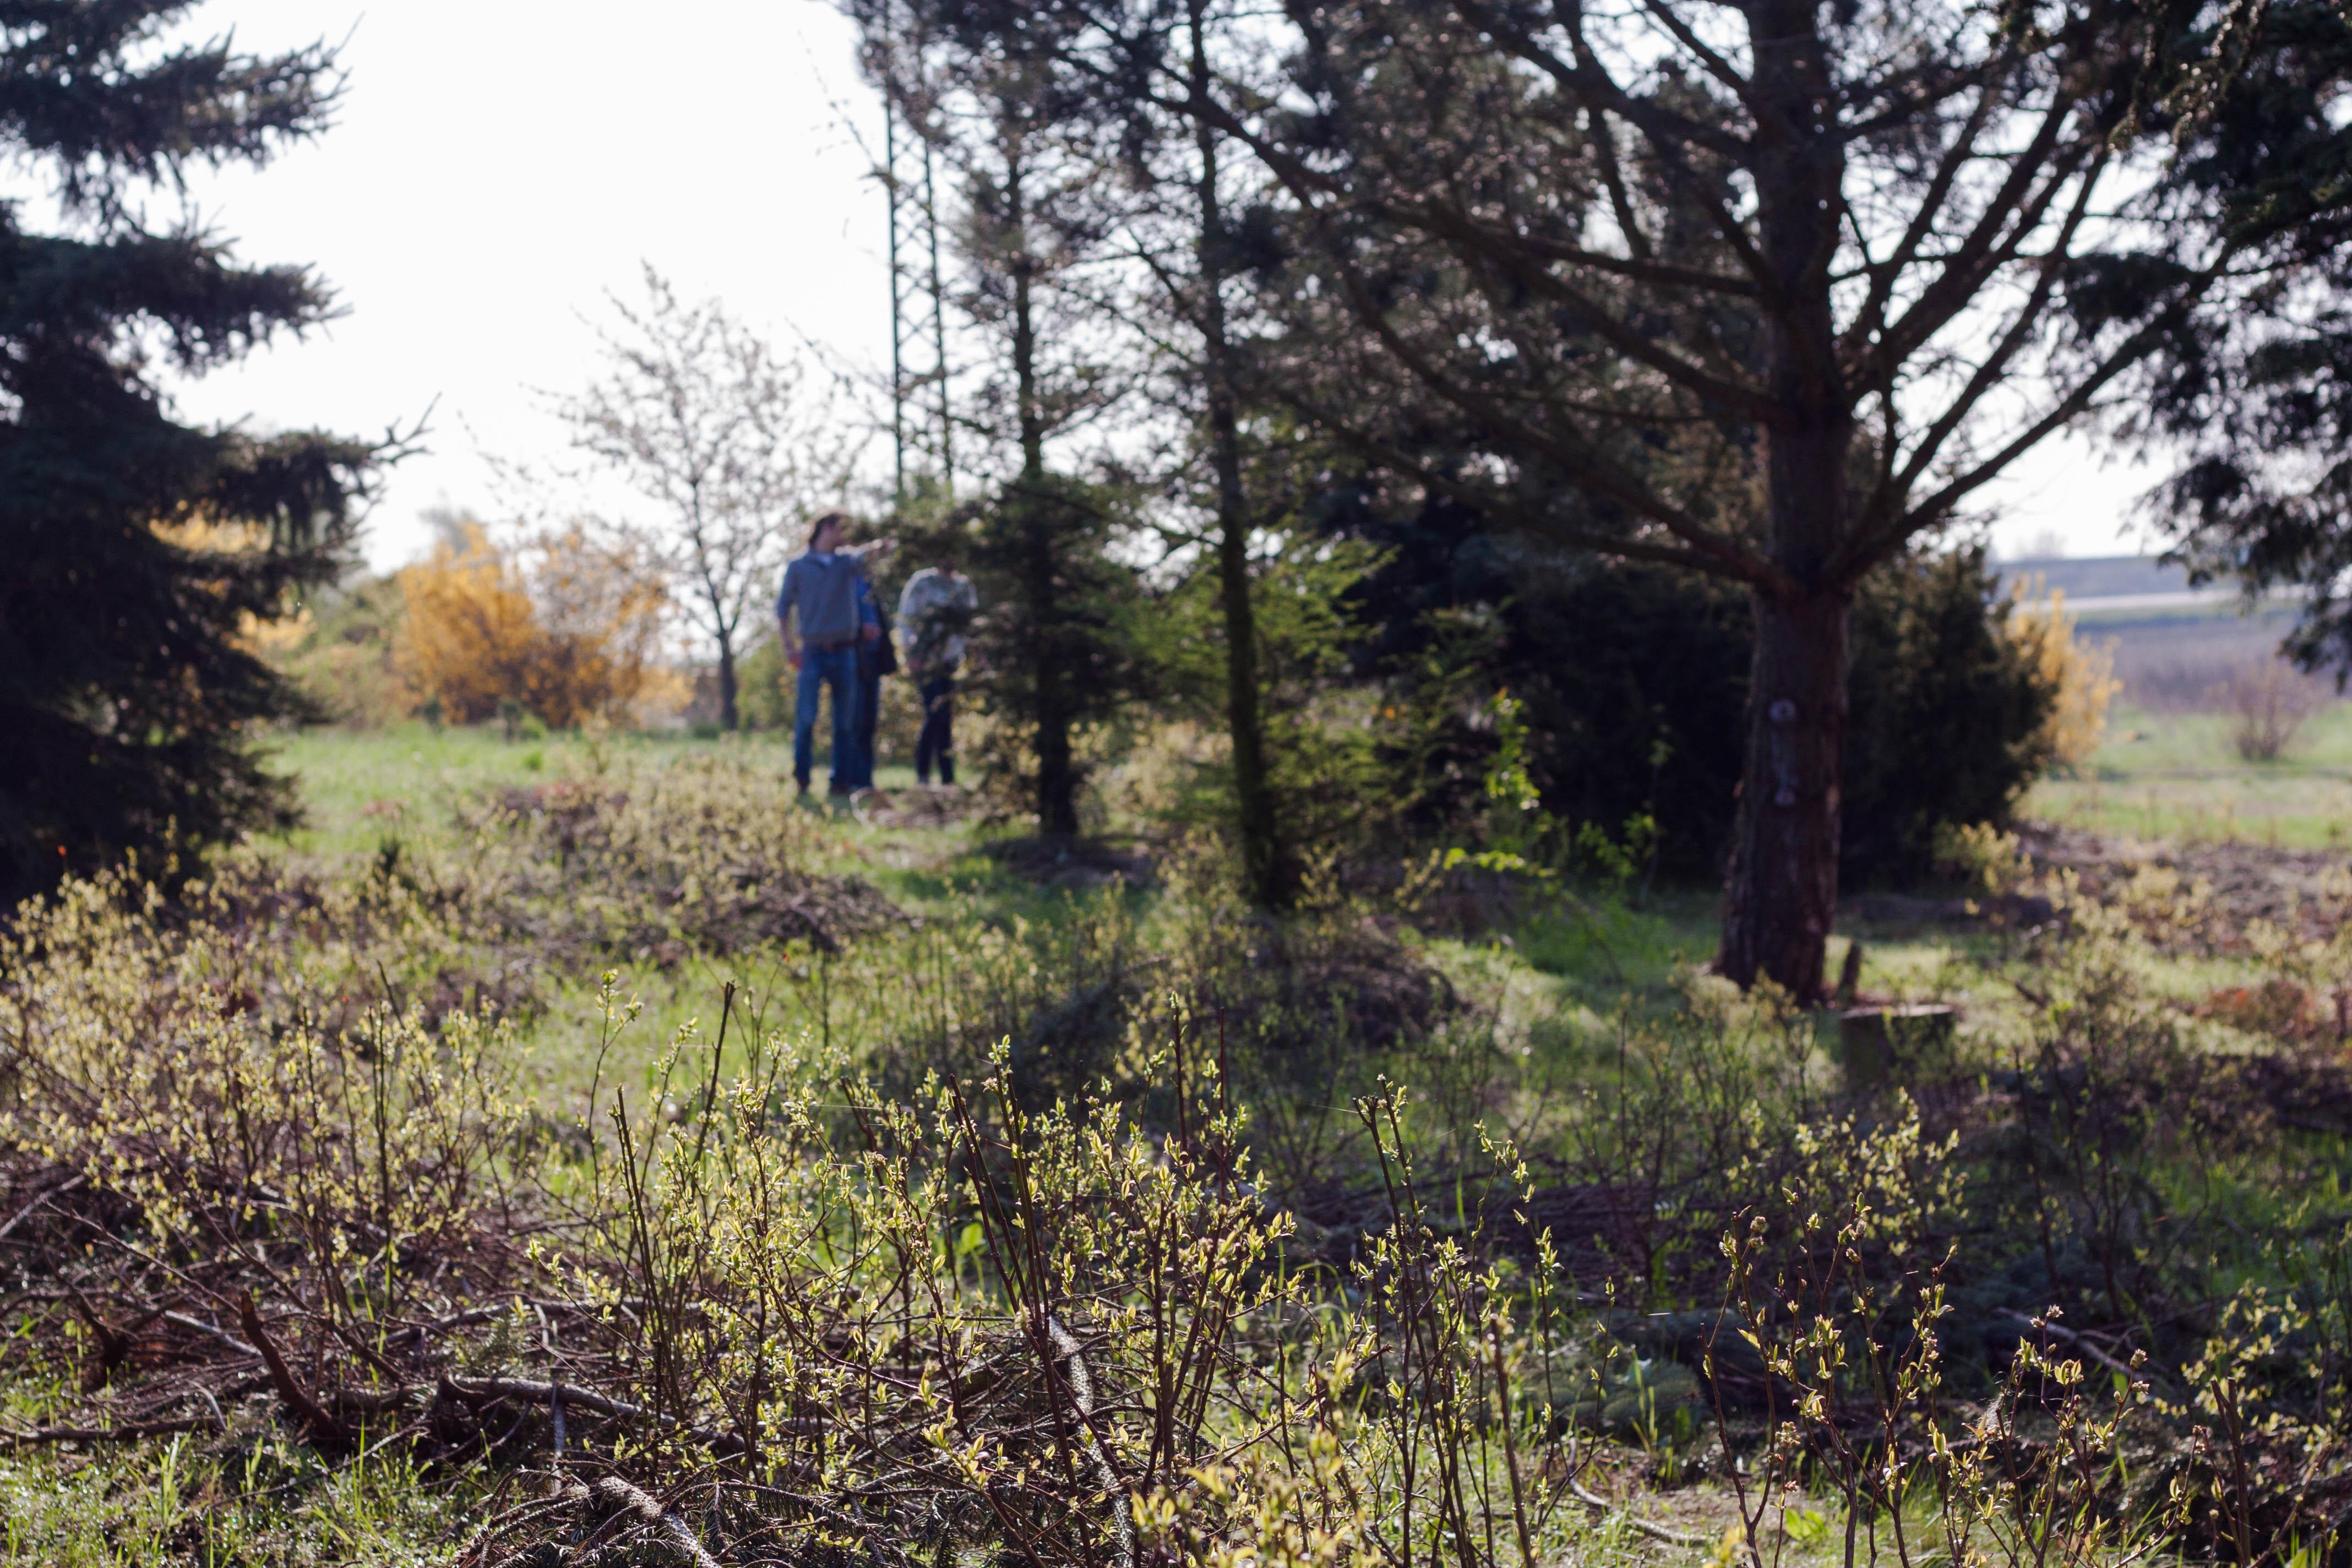 Nadelbaum und Beerensträucher